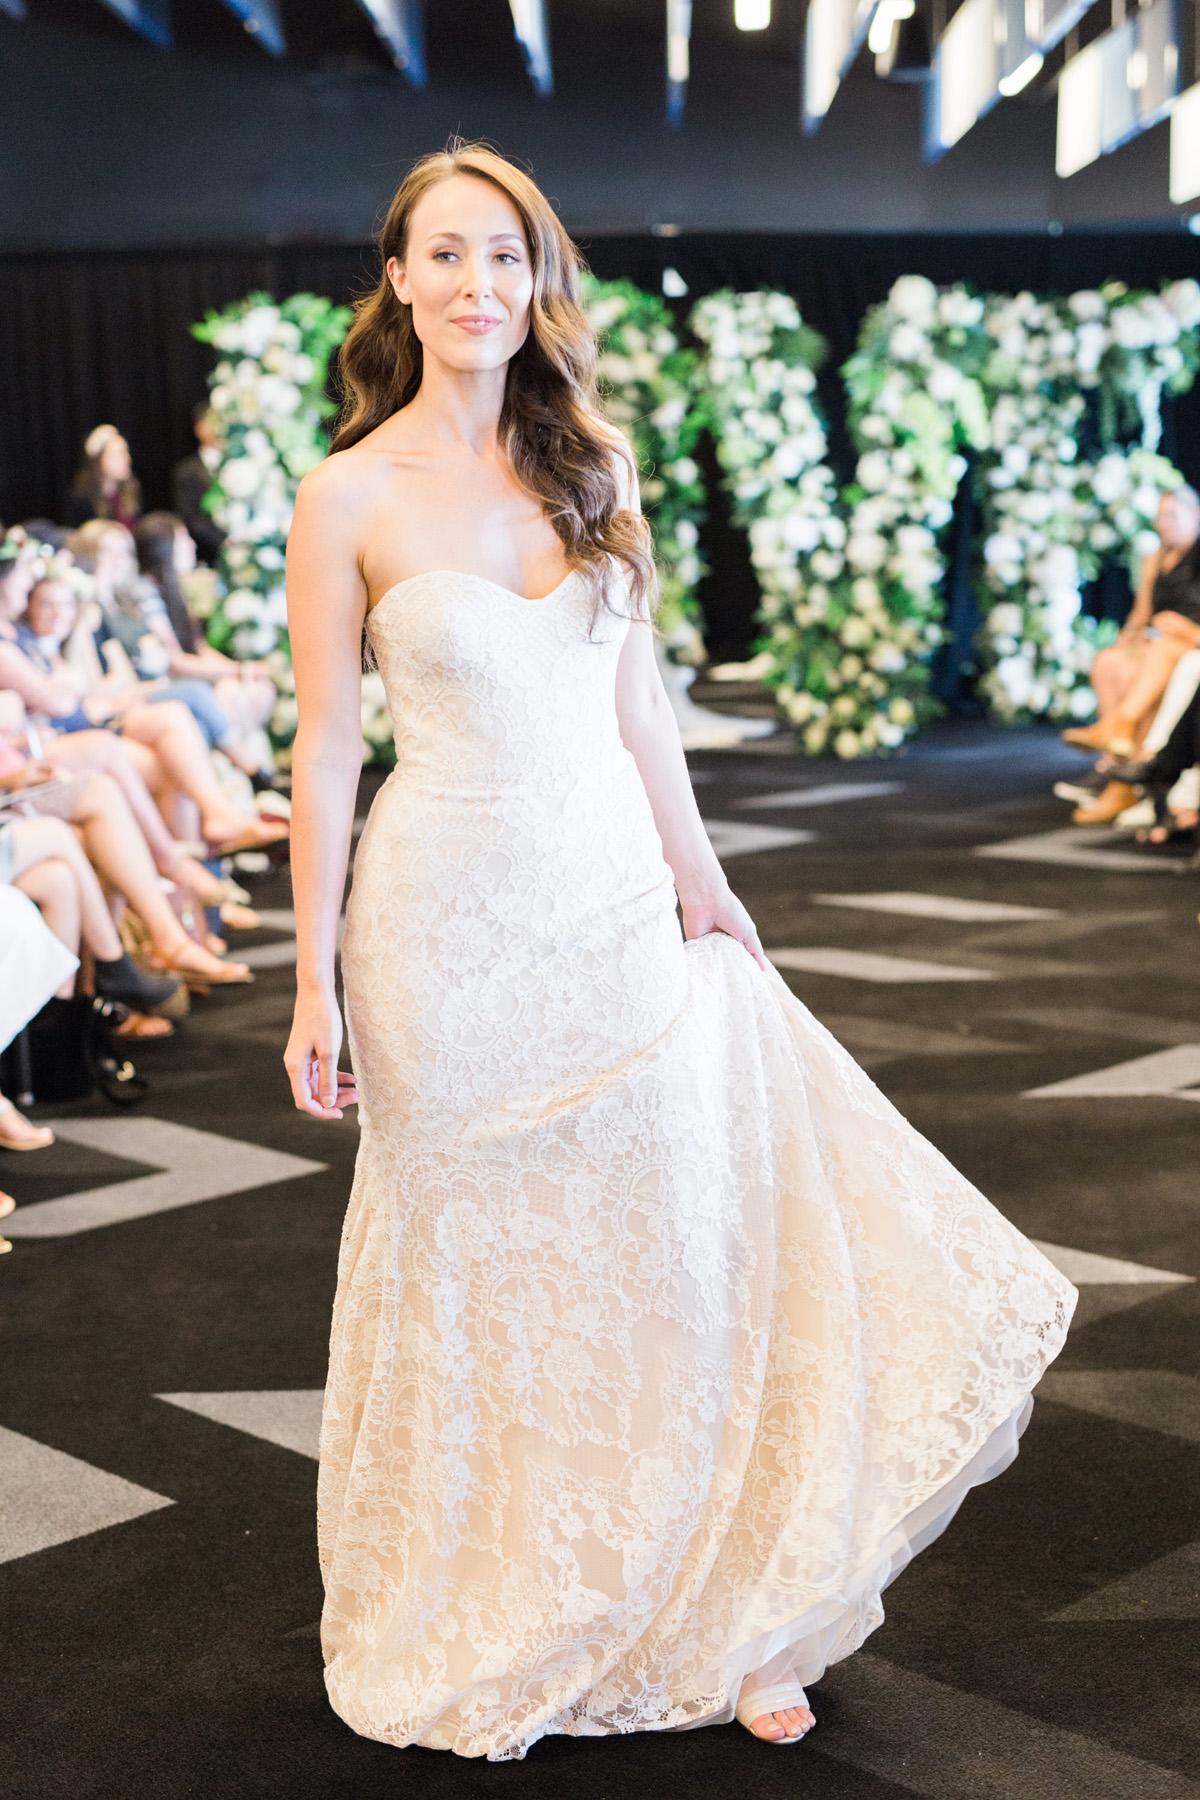 Love-Wedding-Festival-Sydney-Wedding-Gown-Angela-Osagie-14.jpg